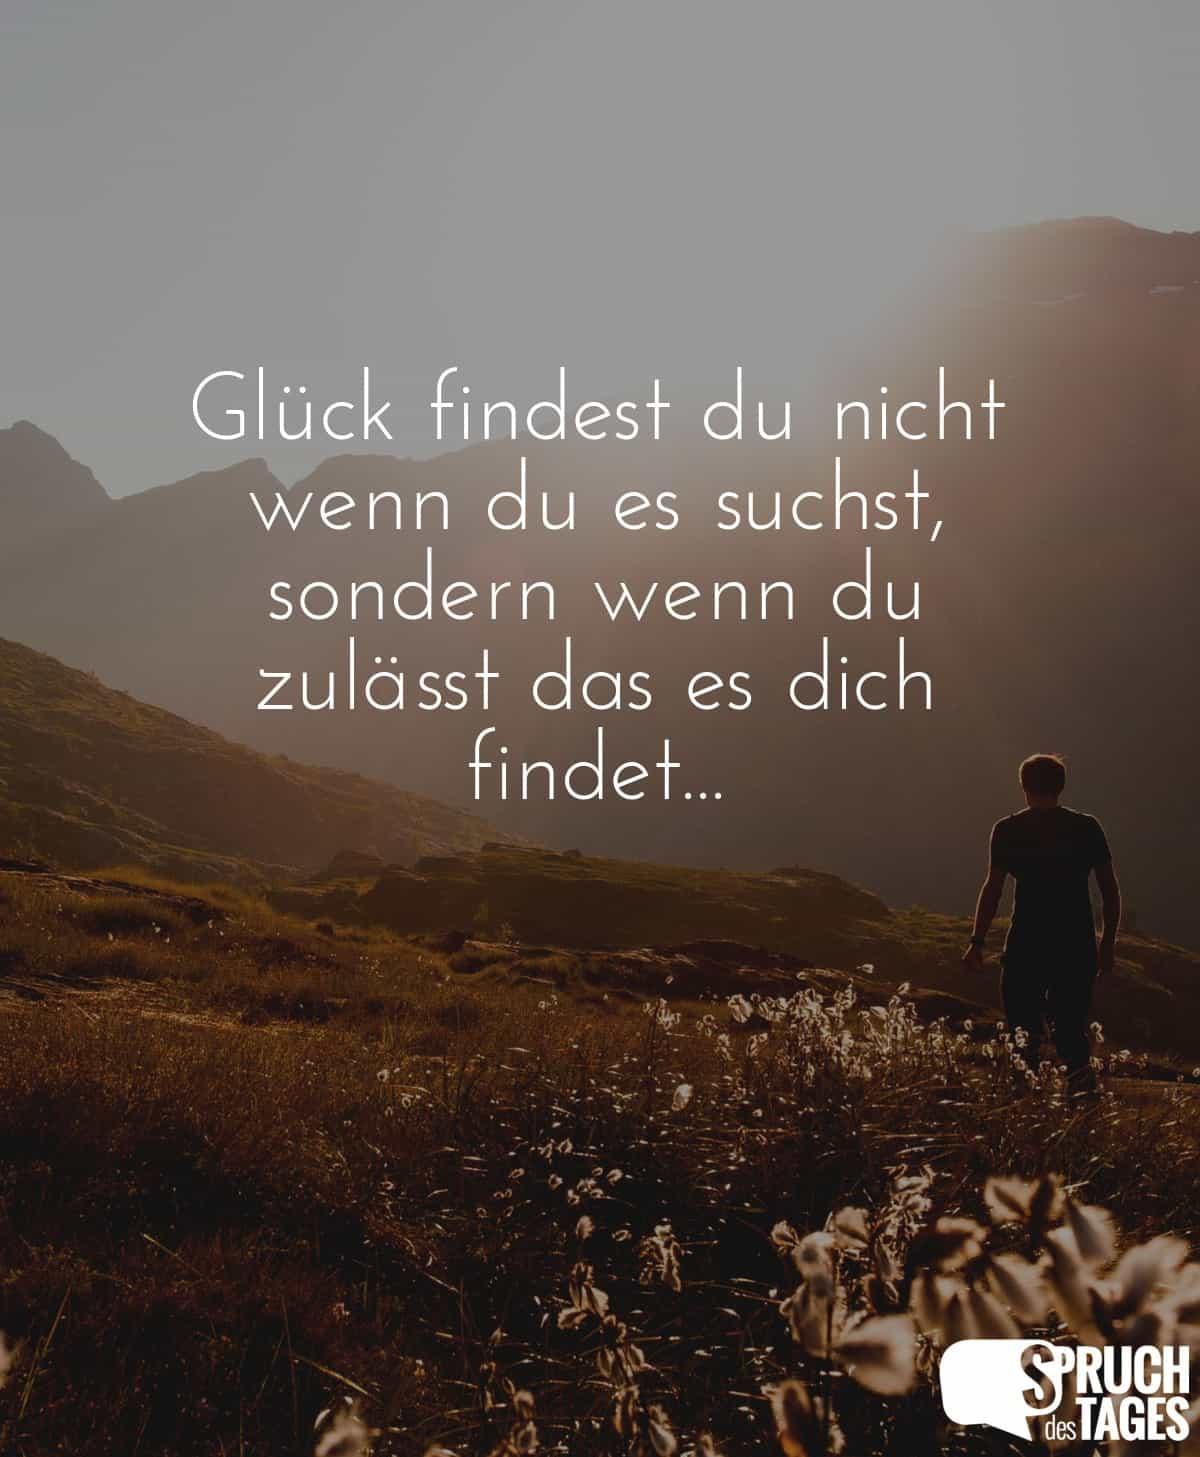 Glück findest du nicht wenn du es suchst, sondern wenn du